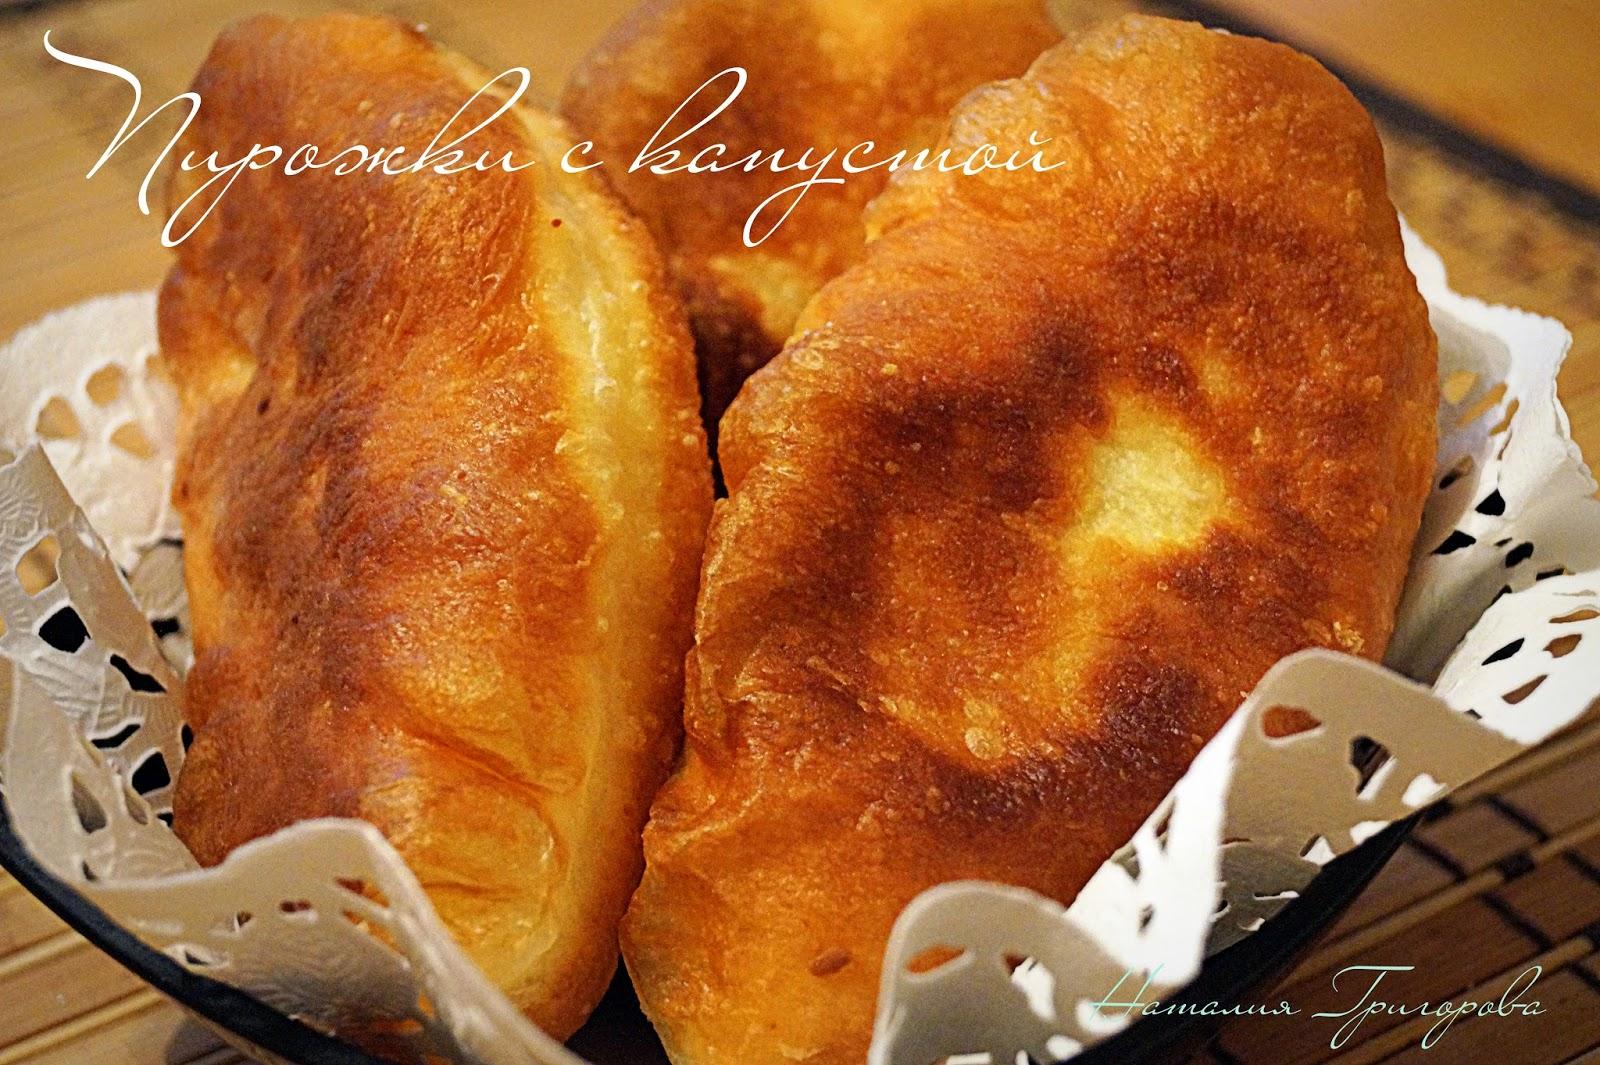 Пирожки с капустой - пошаговый рецепт с фото - как приготовить 97